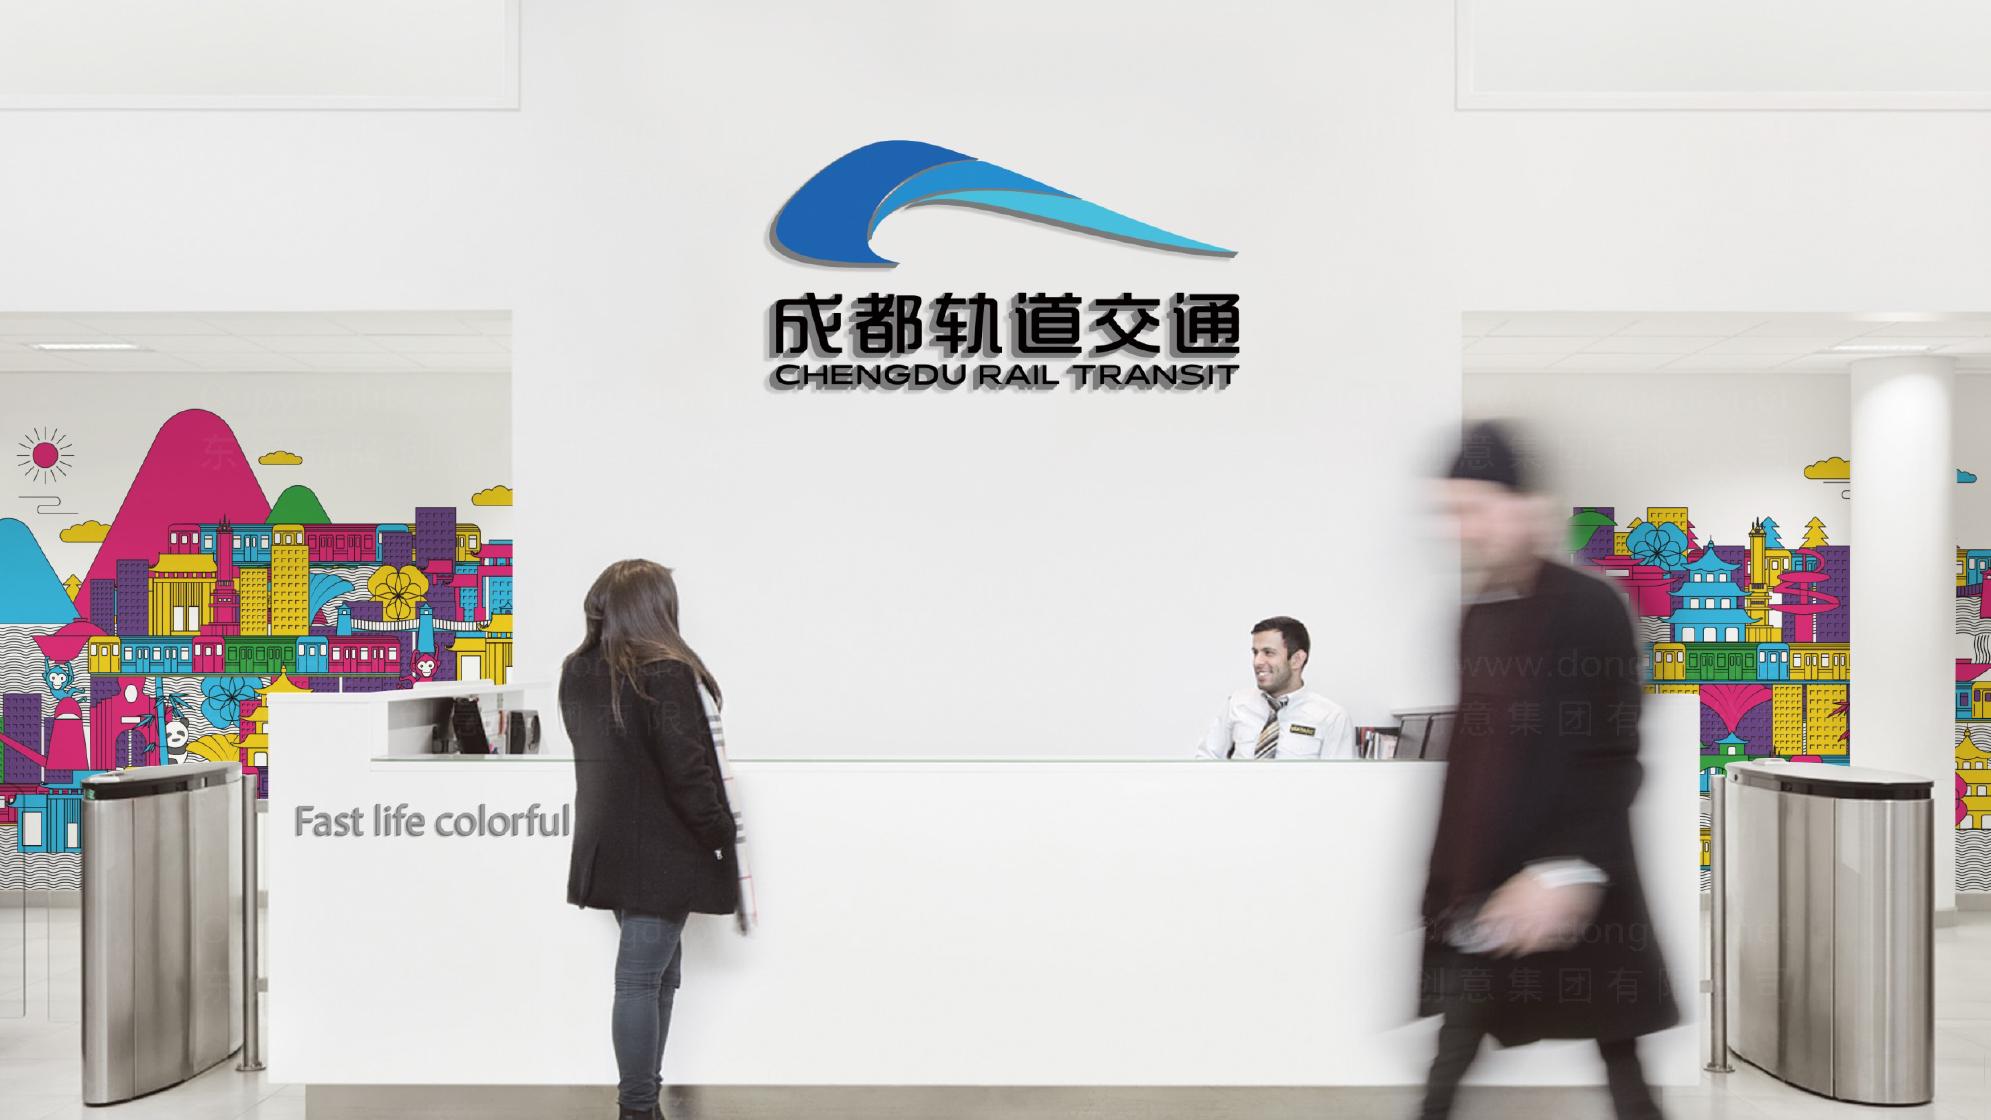 品牌设计成都地铁VI设计应用场景_9